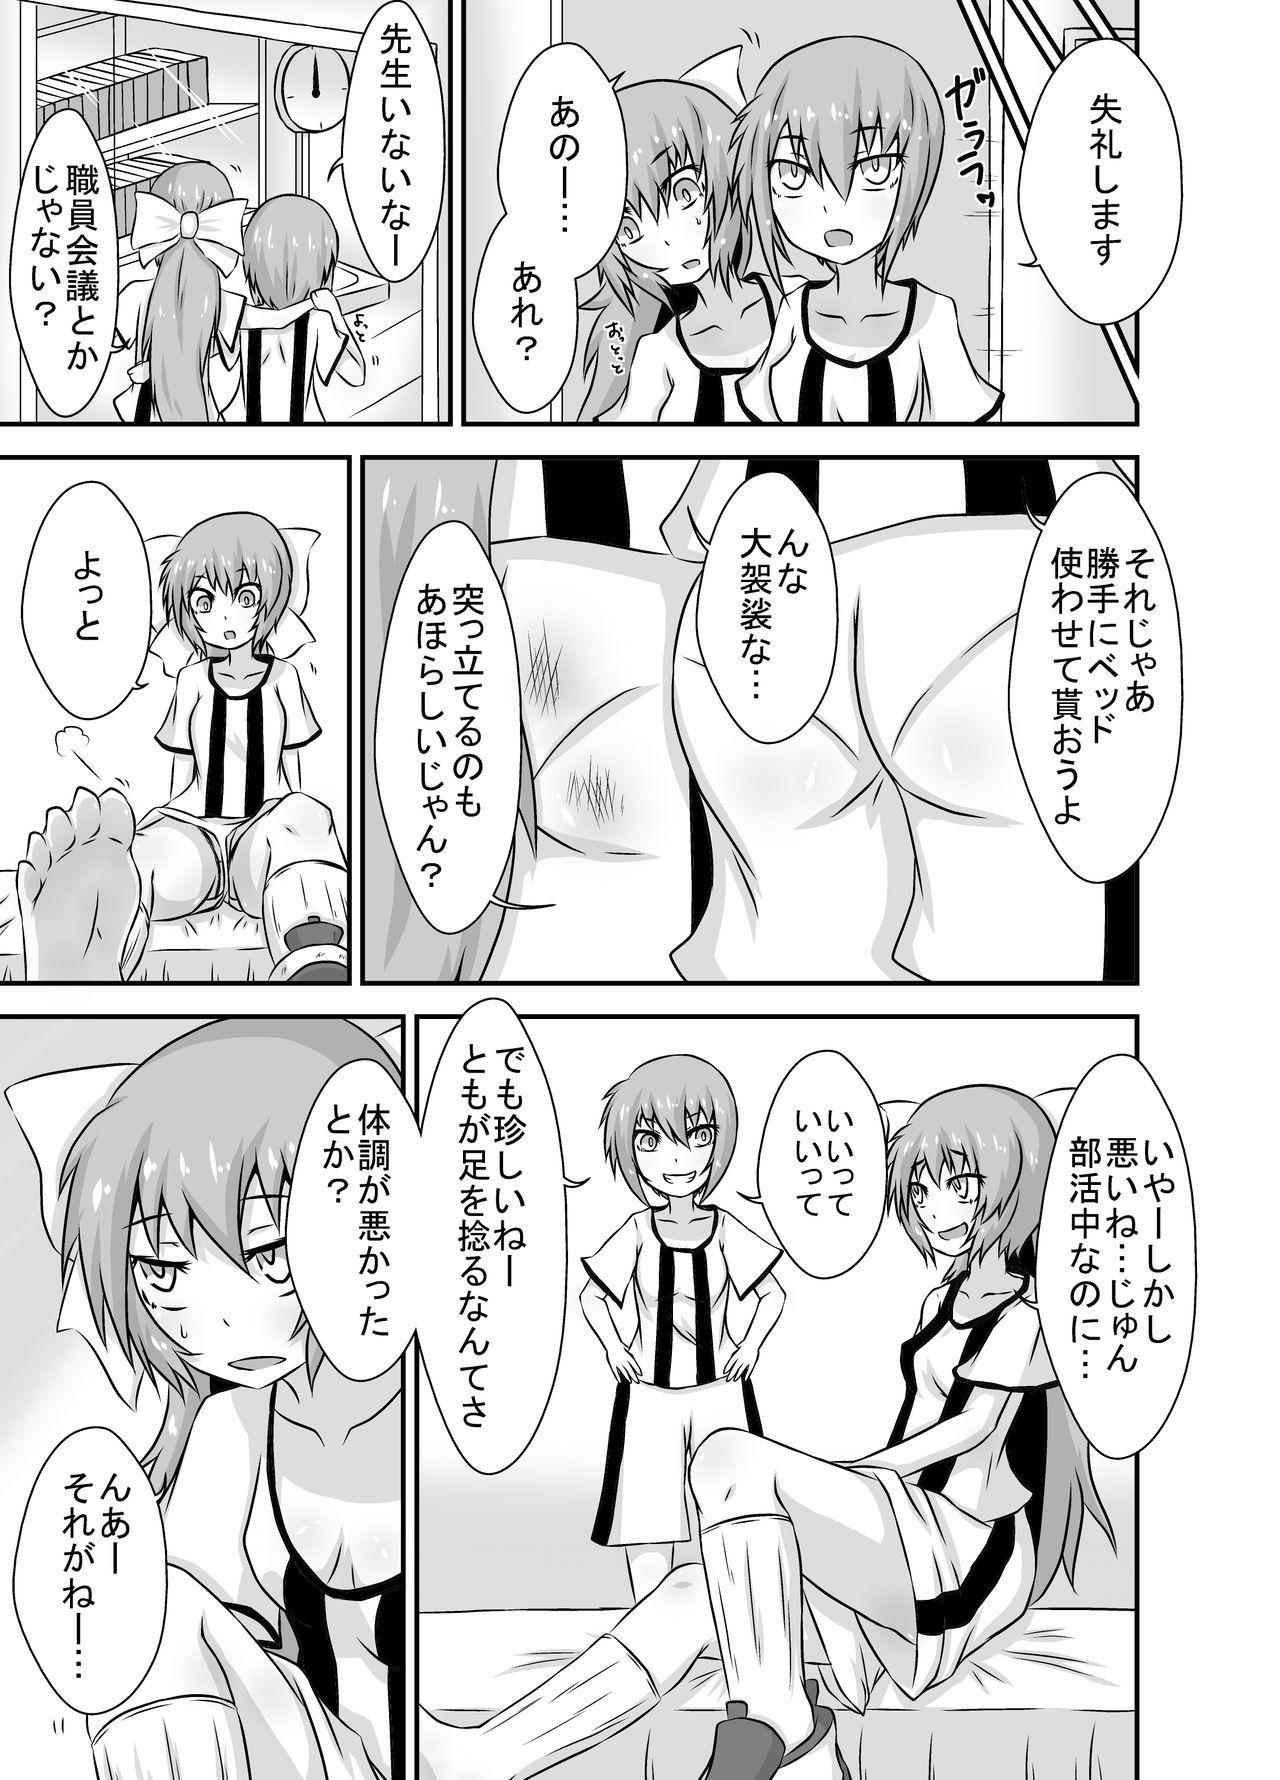 Kochokocho Okako-san! 4 3